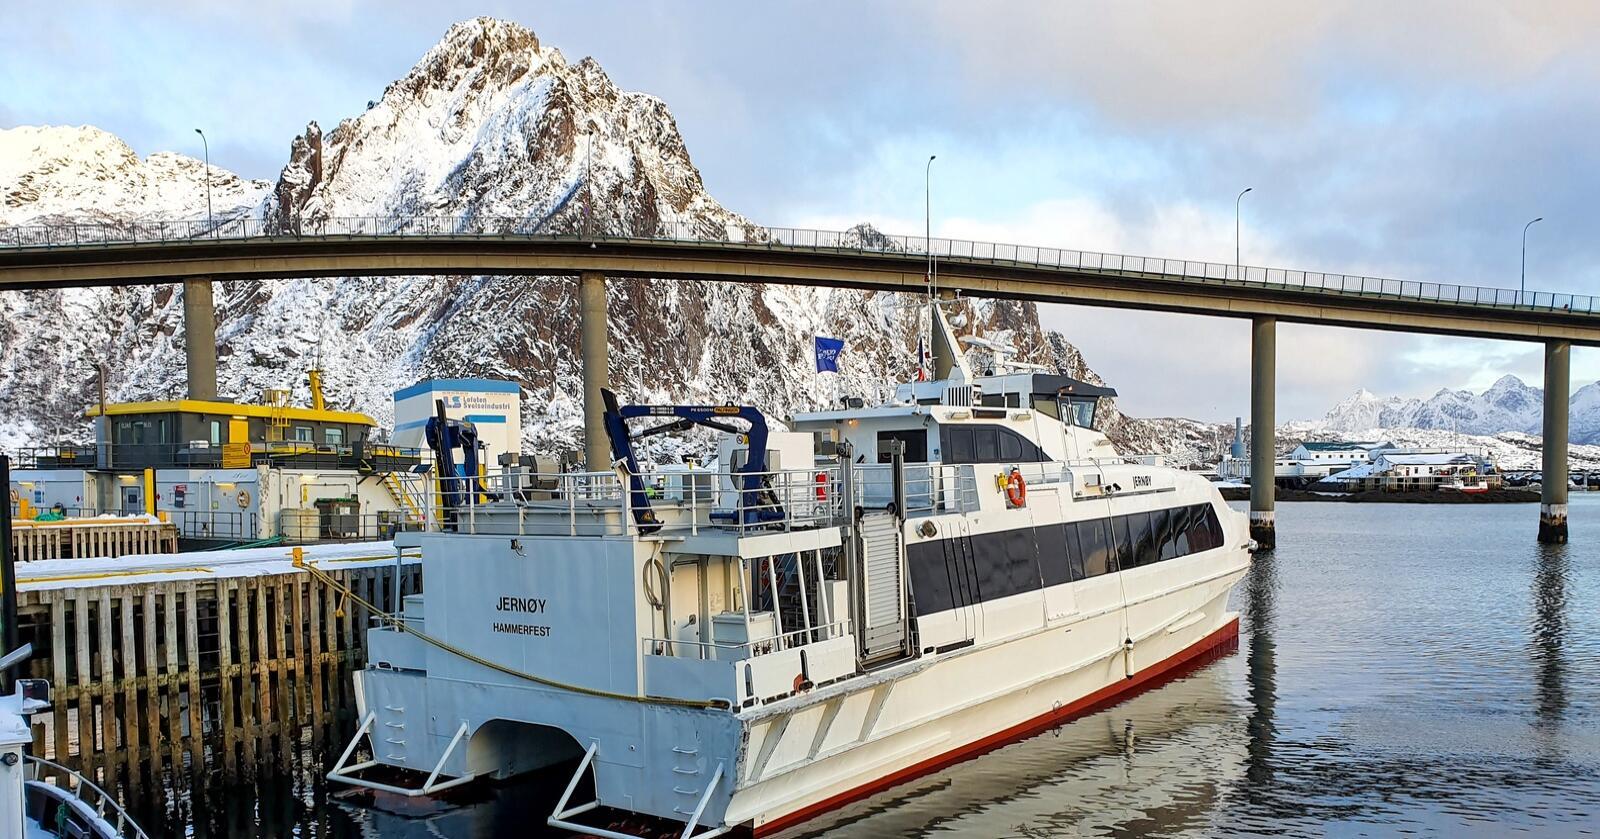 Dokumenter Nationen har fått innsyn i viser at sommer 2019 gikk hurtigbåten MS Jernøy flere turer over Vestfjorden mellom Steigen og Svolvær med hull i baugen. Foto: Eskild Johansen